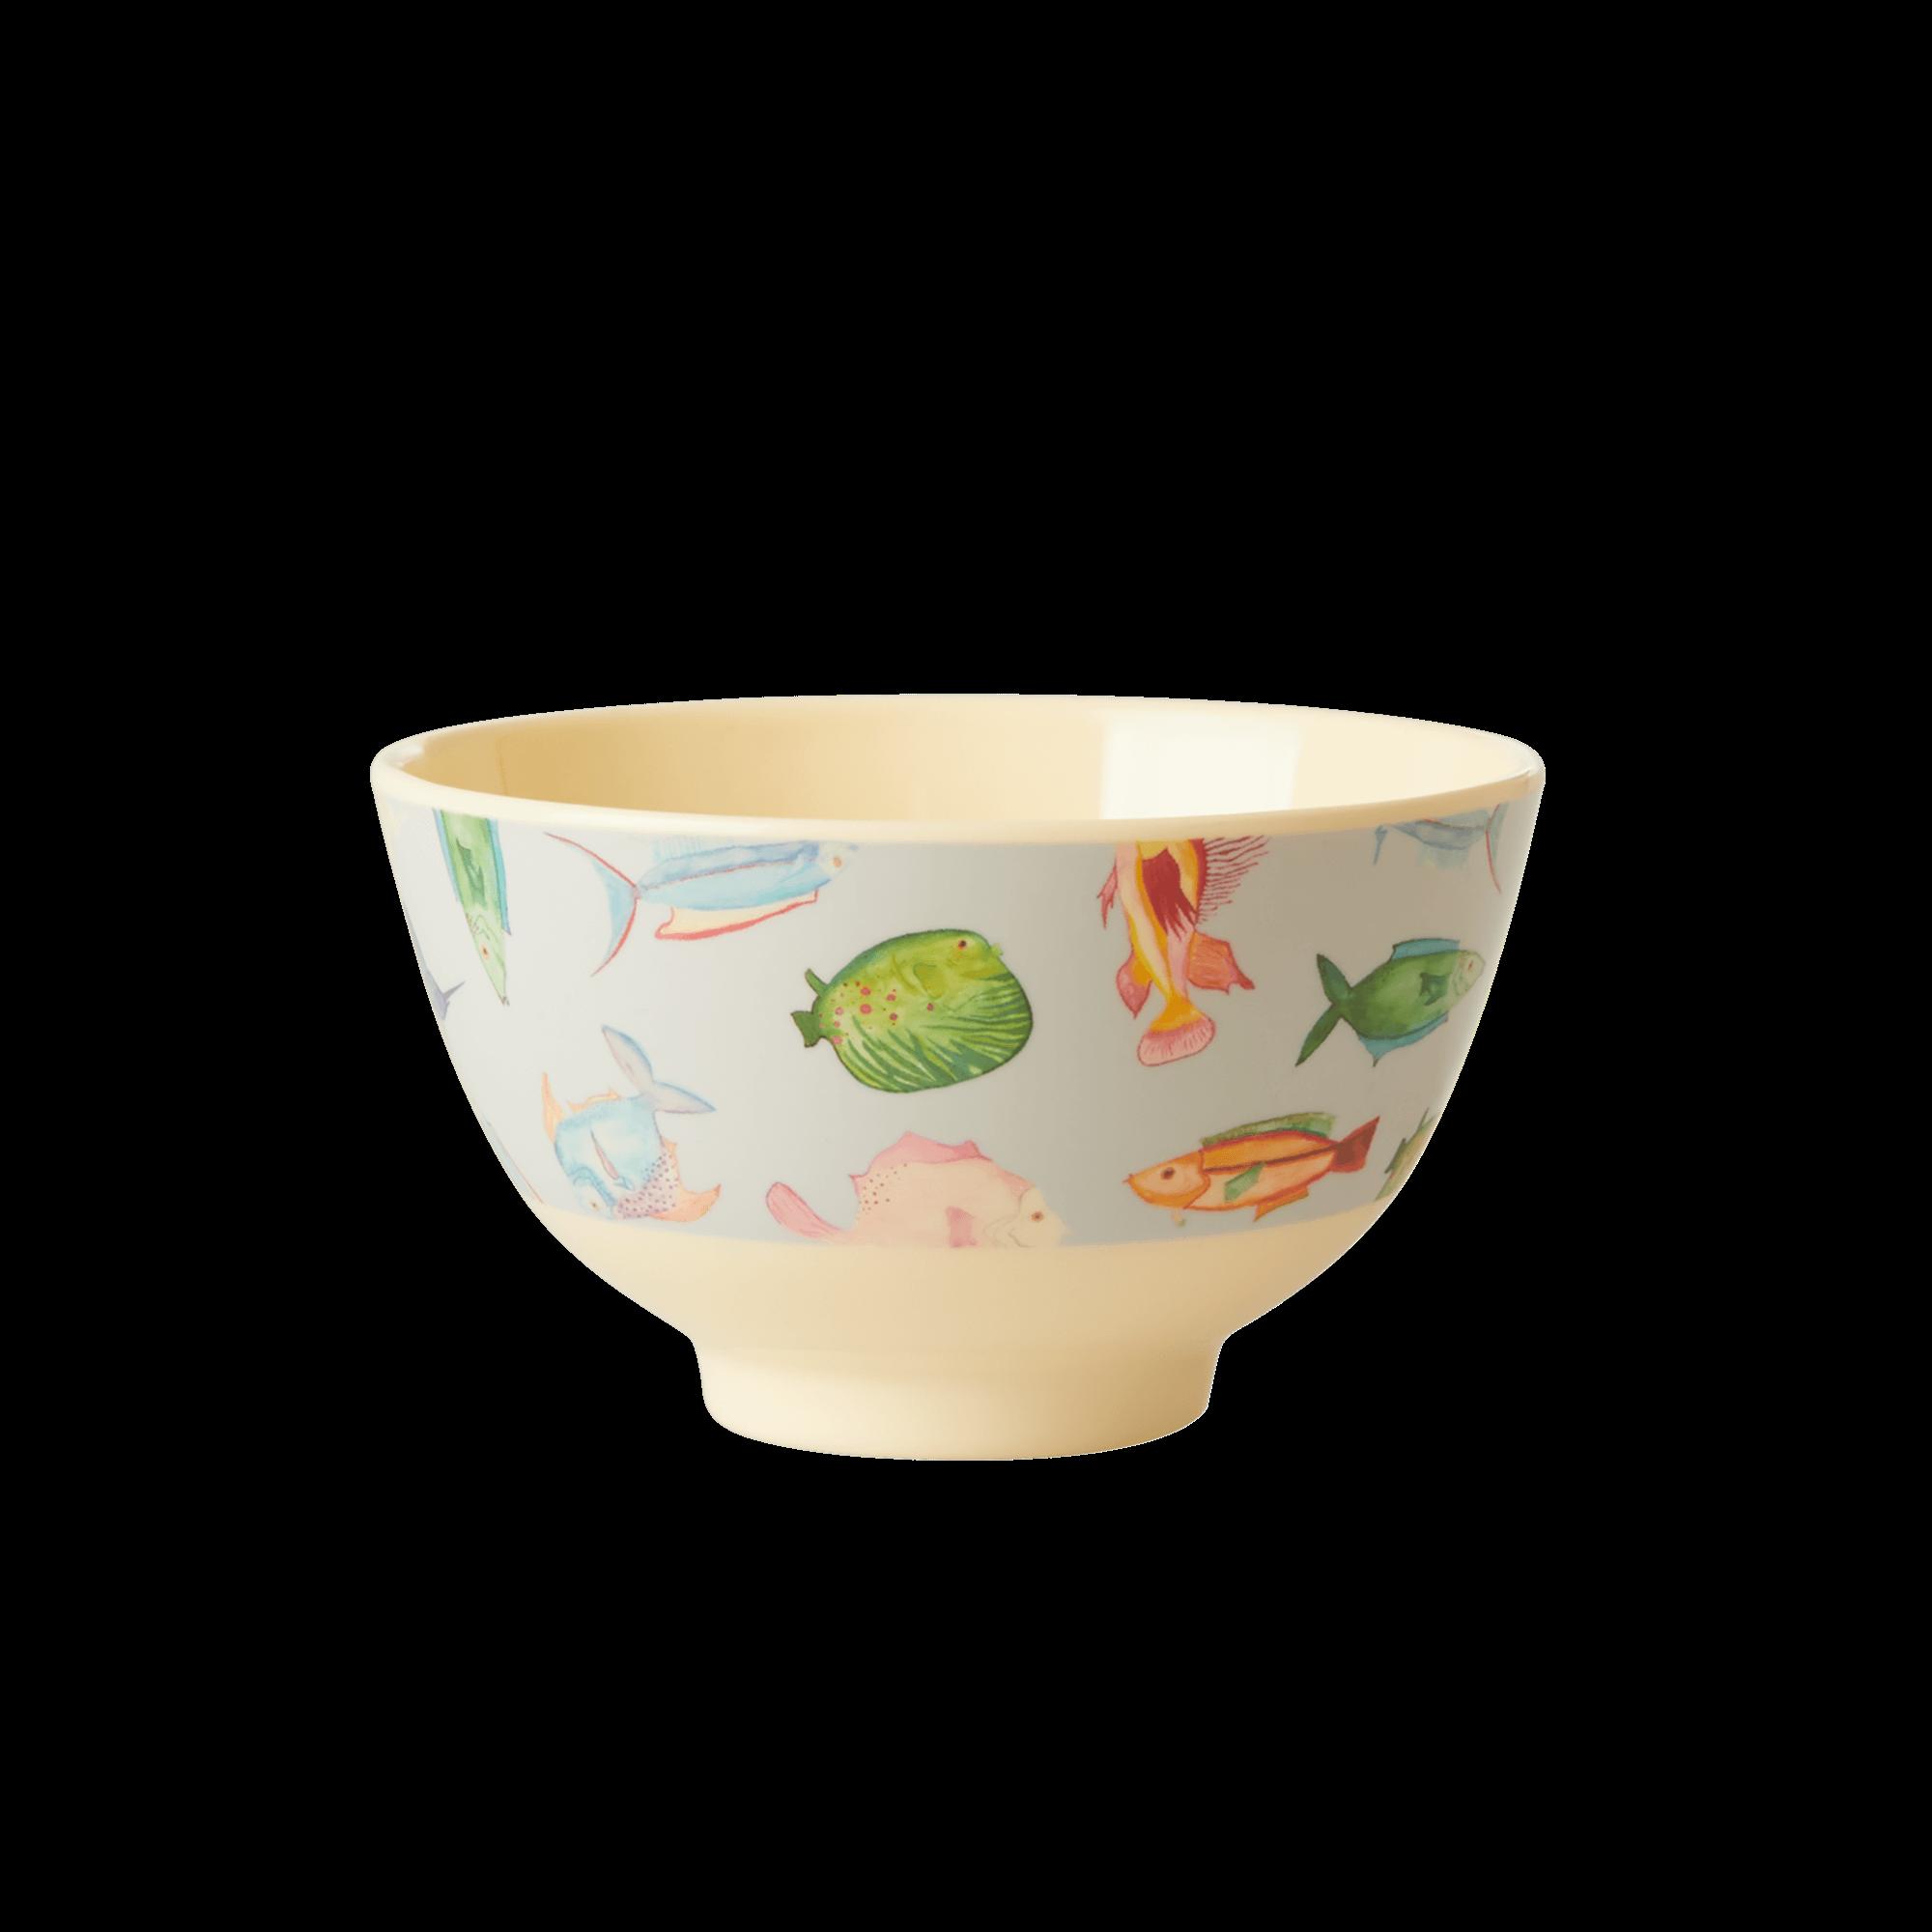 MELBW-SFIS_bol-rice-vaisselle-petit-d-homme-valenciennes